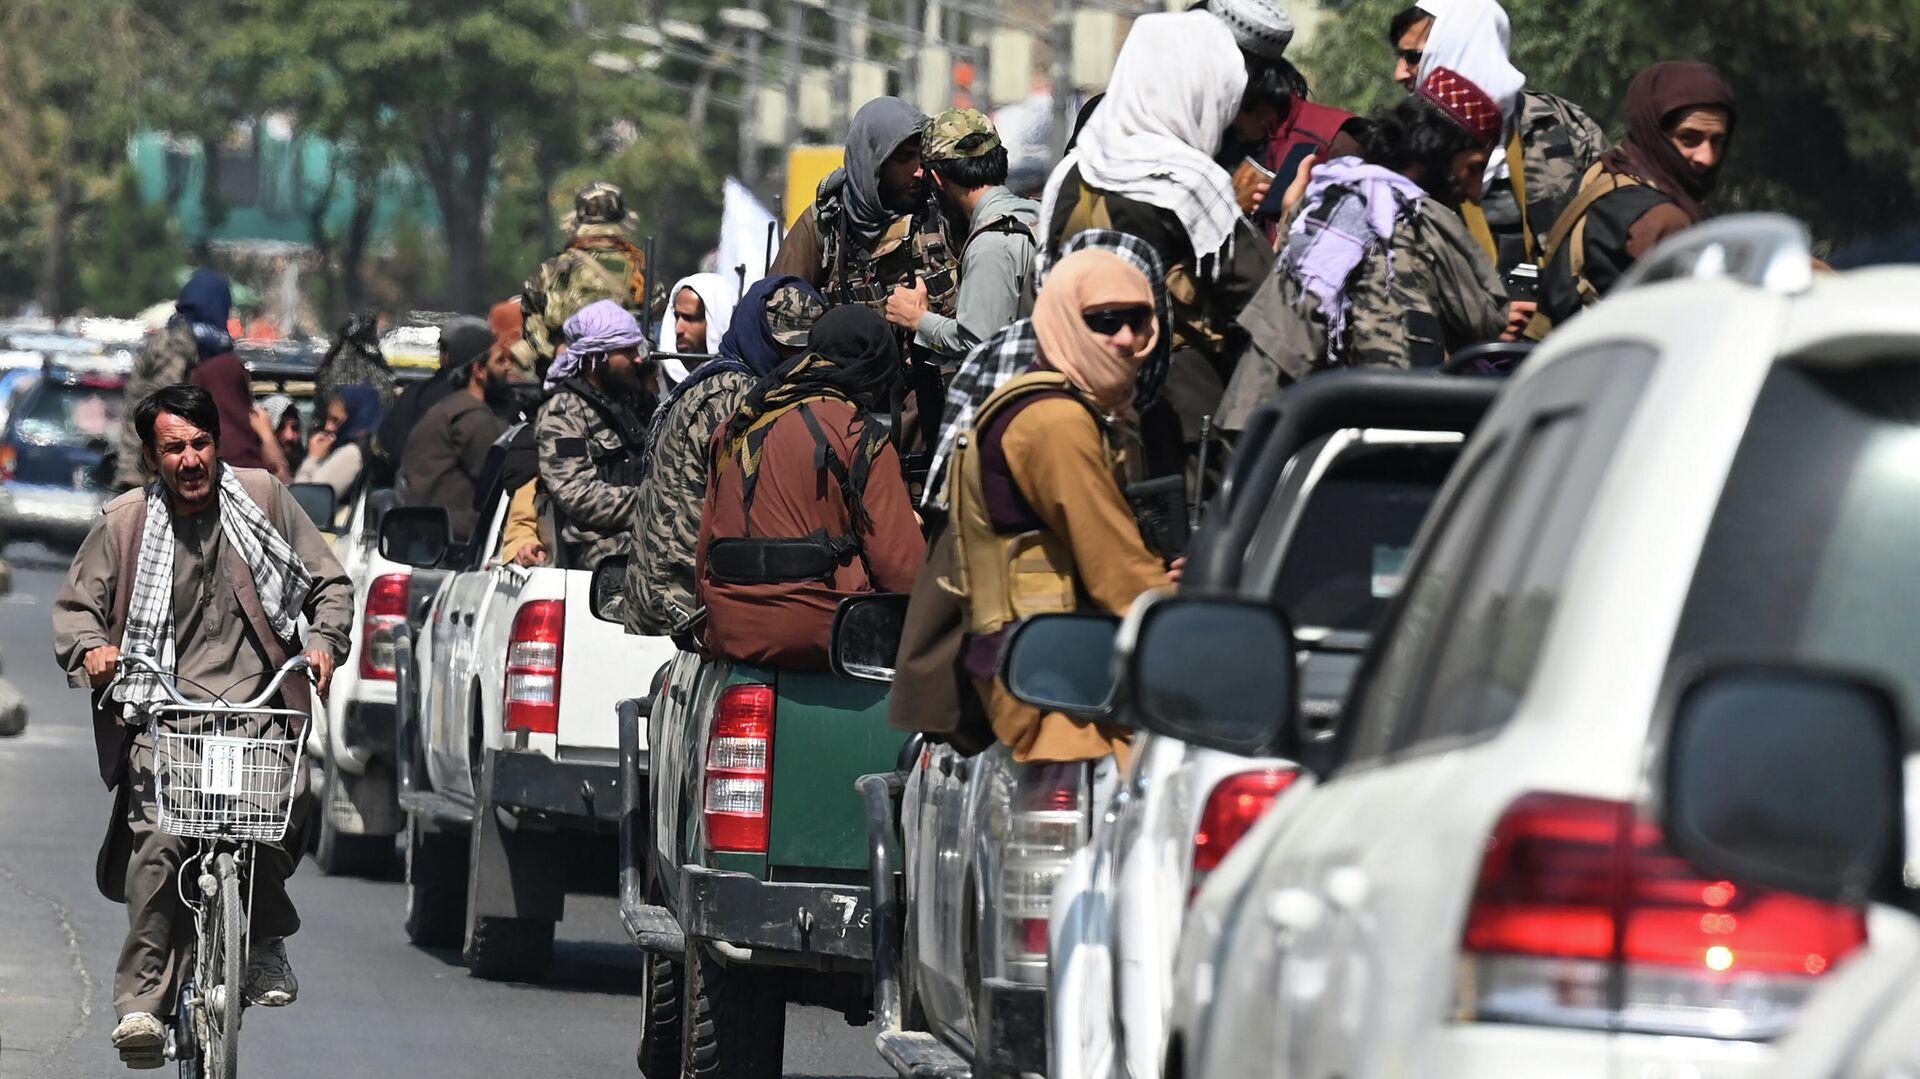 Автомобили с бойцами Талибана в Кабуле (движение запрещено в России как террористическое) - Sputnik Латвия, 1920, 23.09.2021